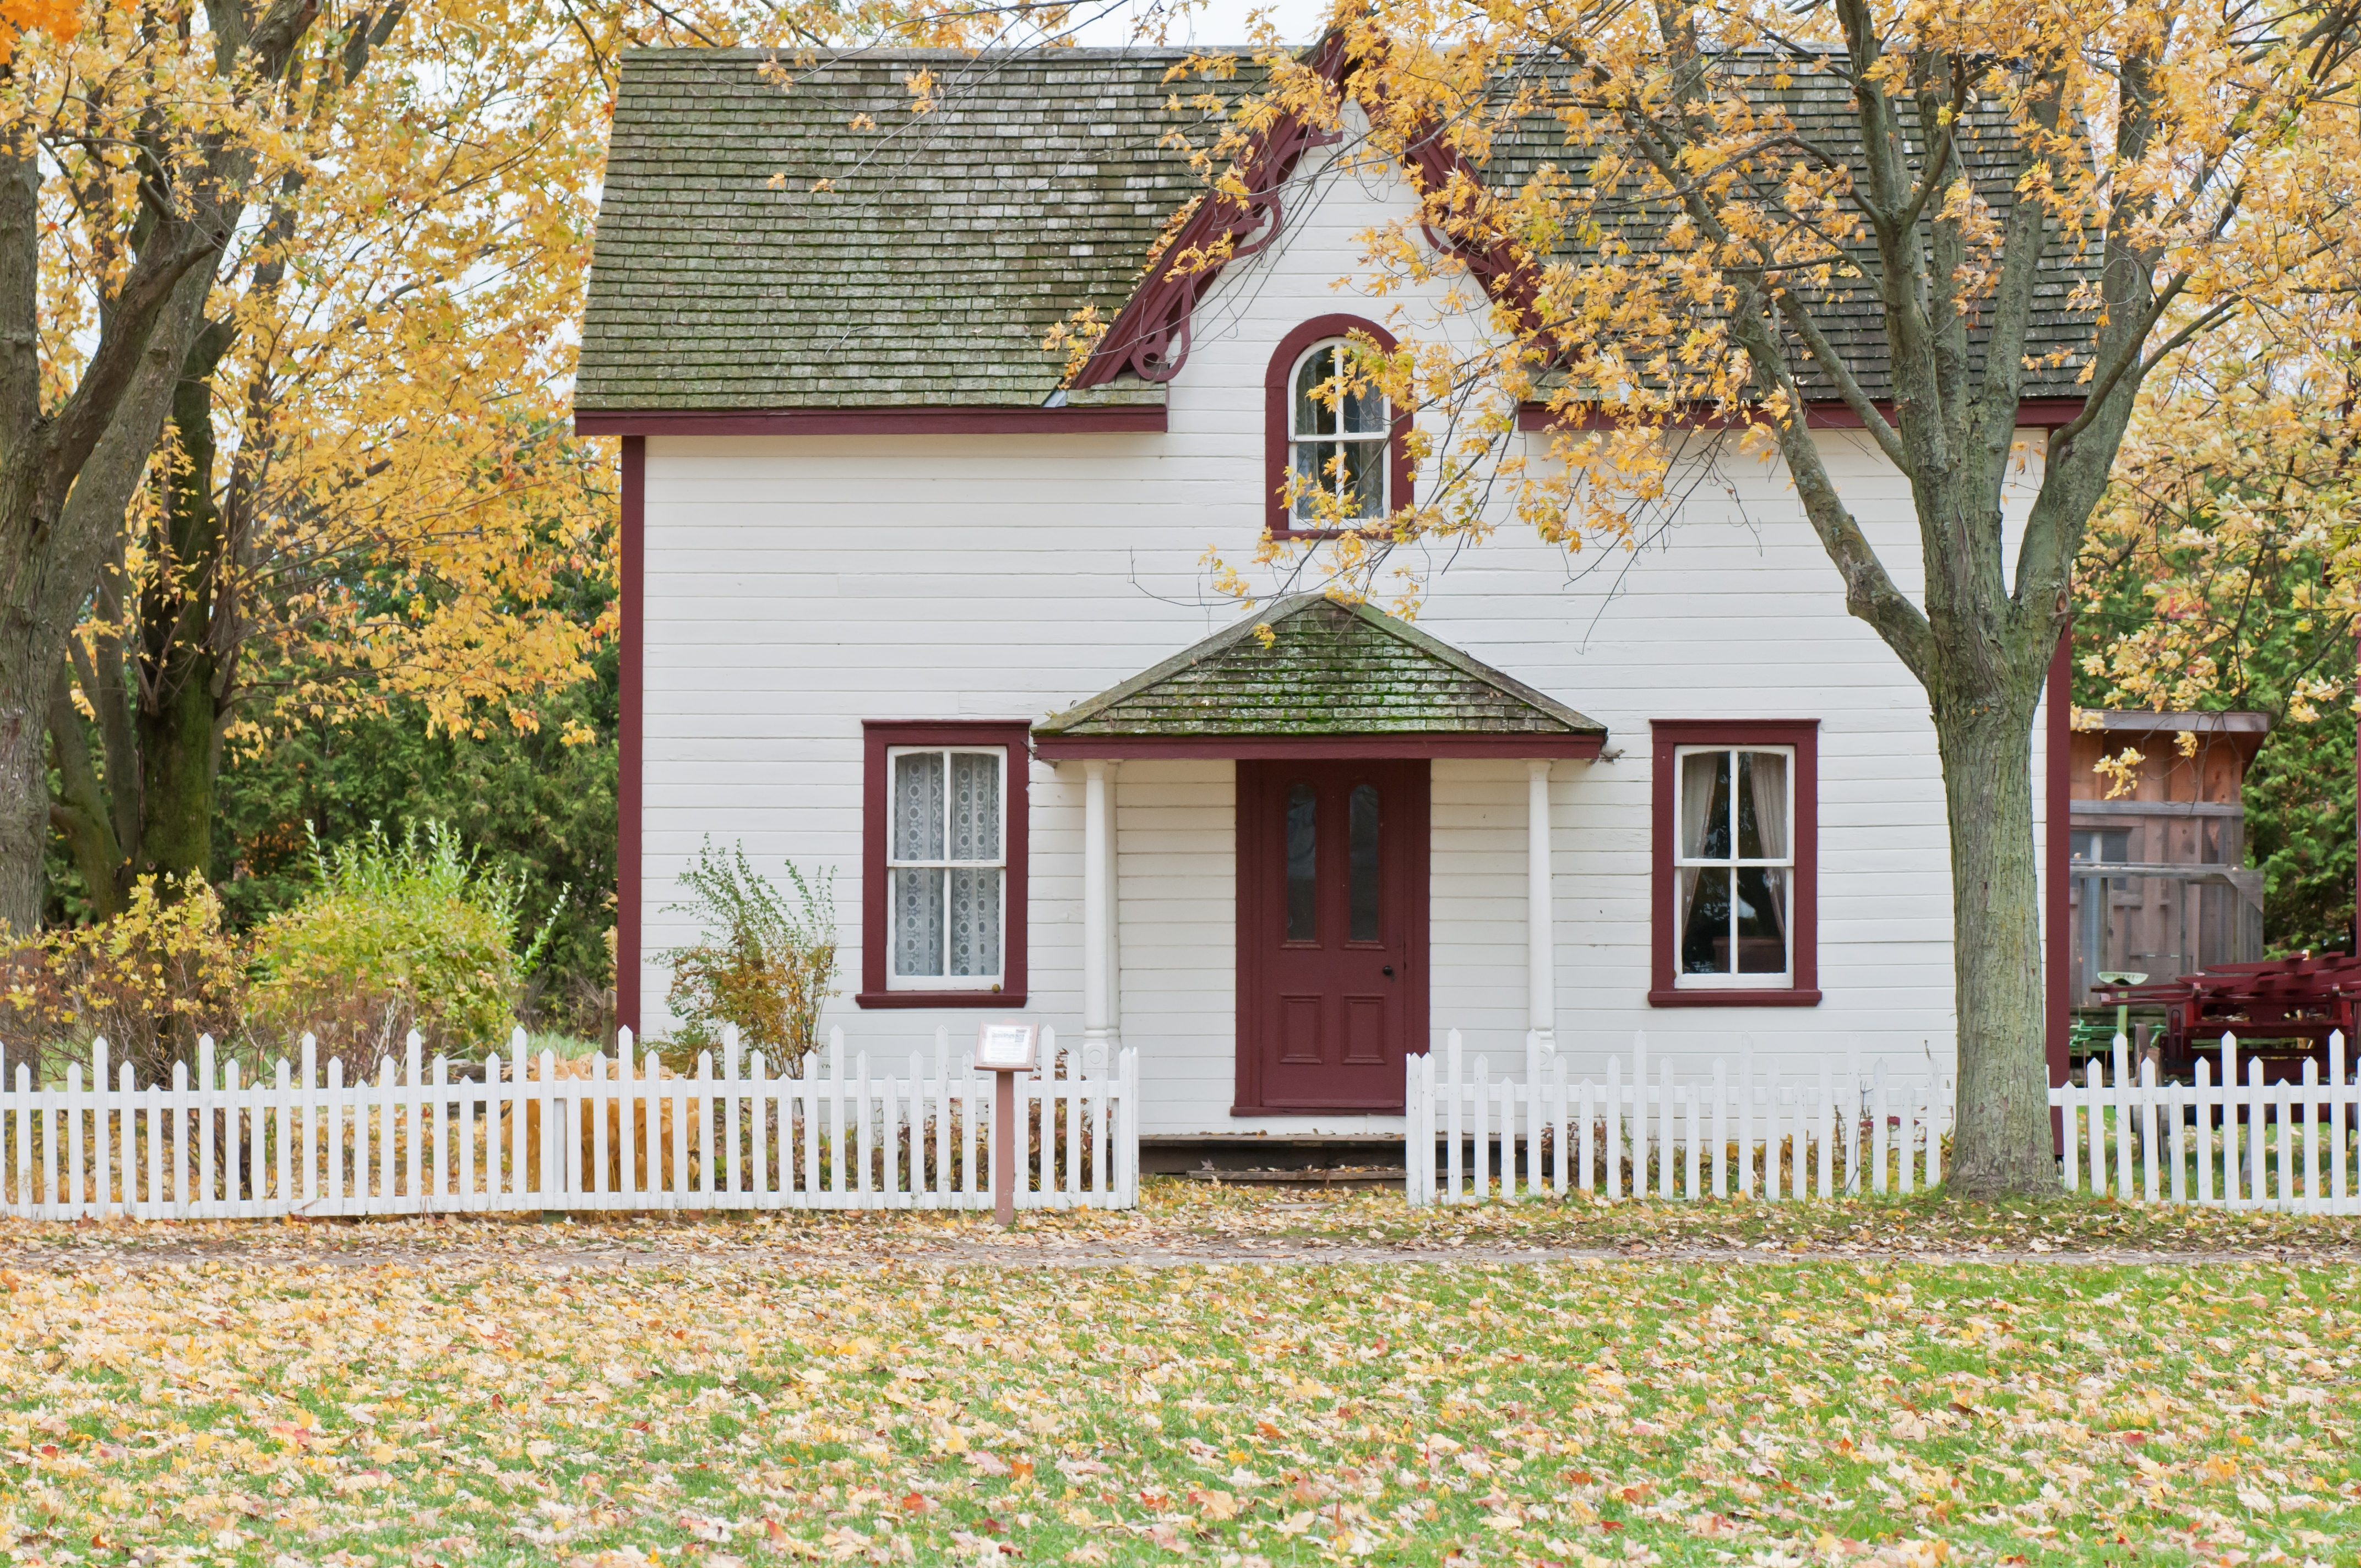 Der er fart på boligmarkedet i Skovlunde - men brug alligevel en boligadvokat